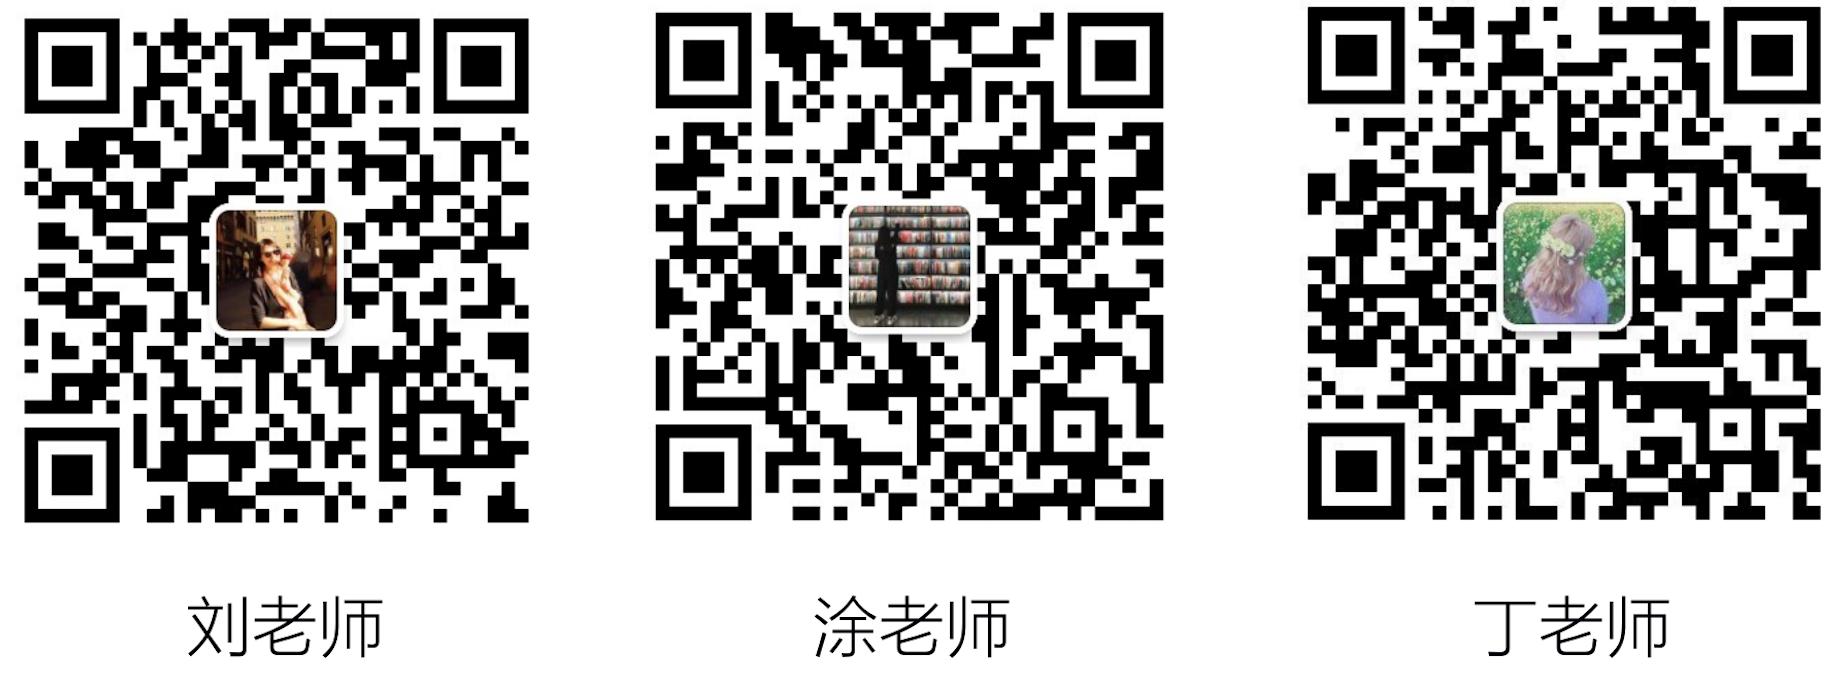 屏幕快照 2020-08-04 17.53.05